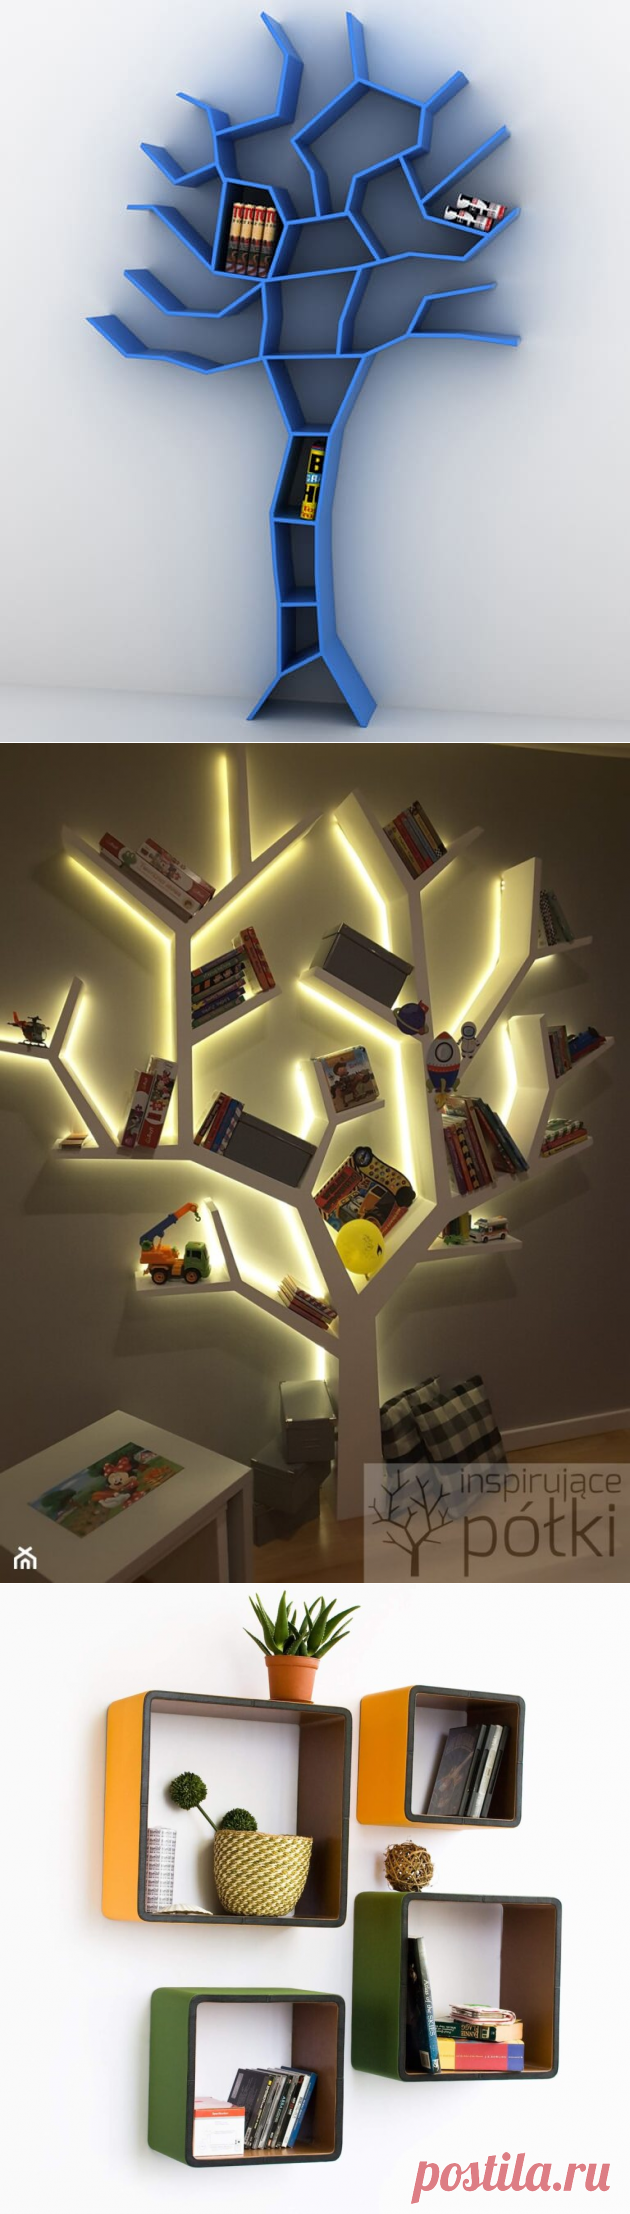 Потрясающие идеи дизайна настенных полок ~ SLOVESA - журнал о развитии